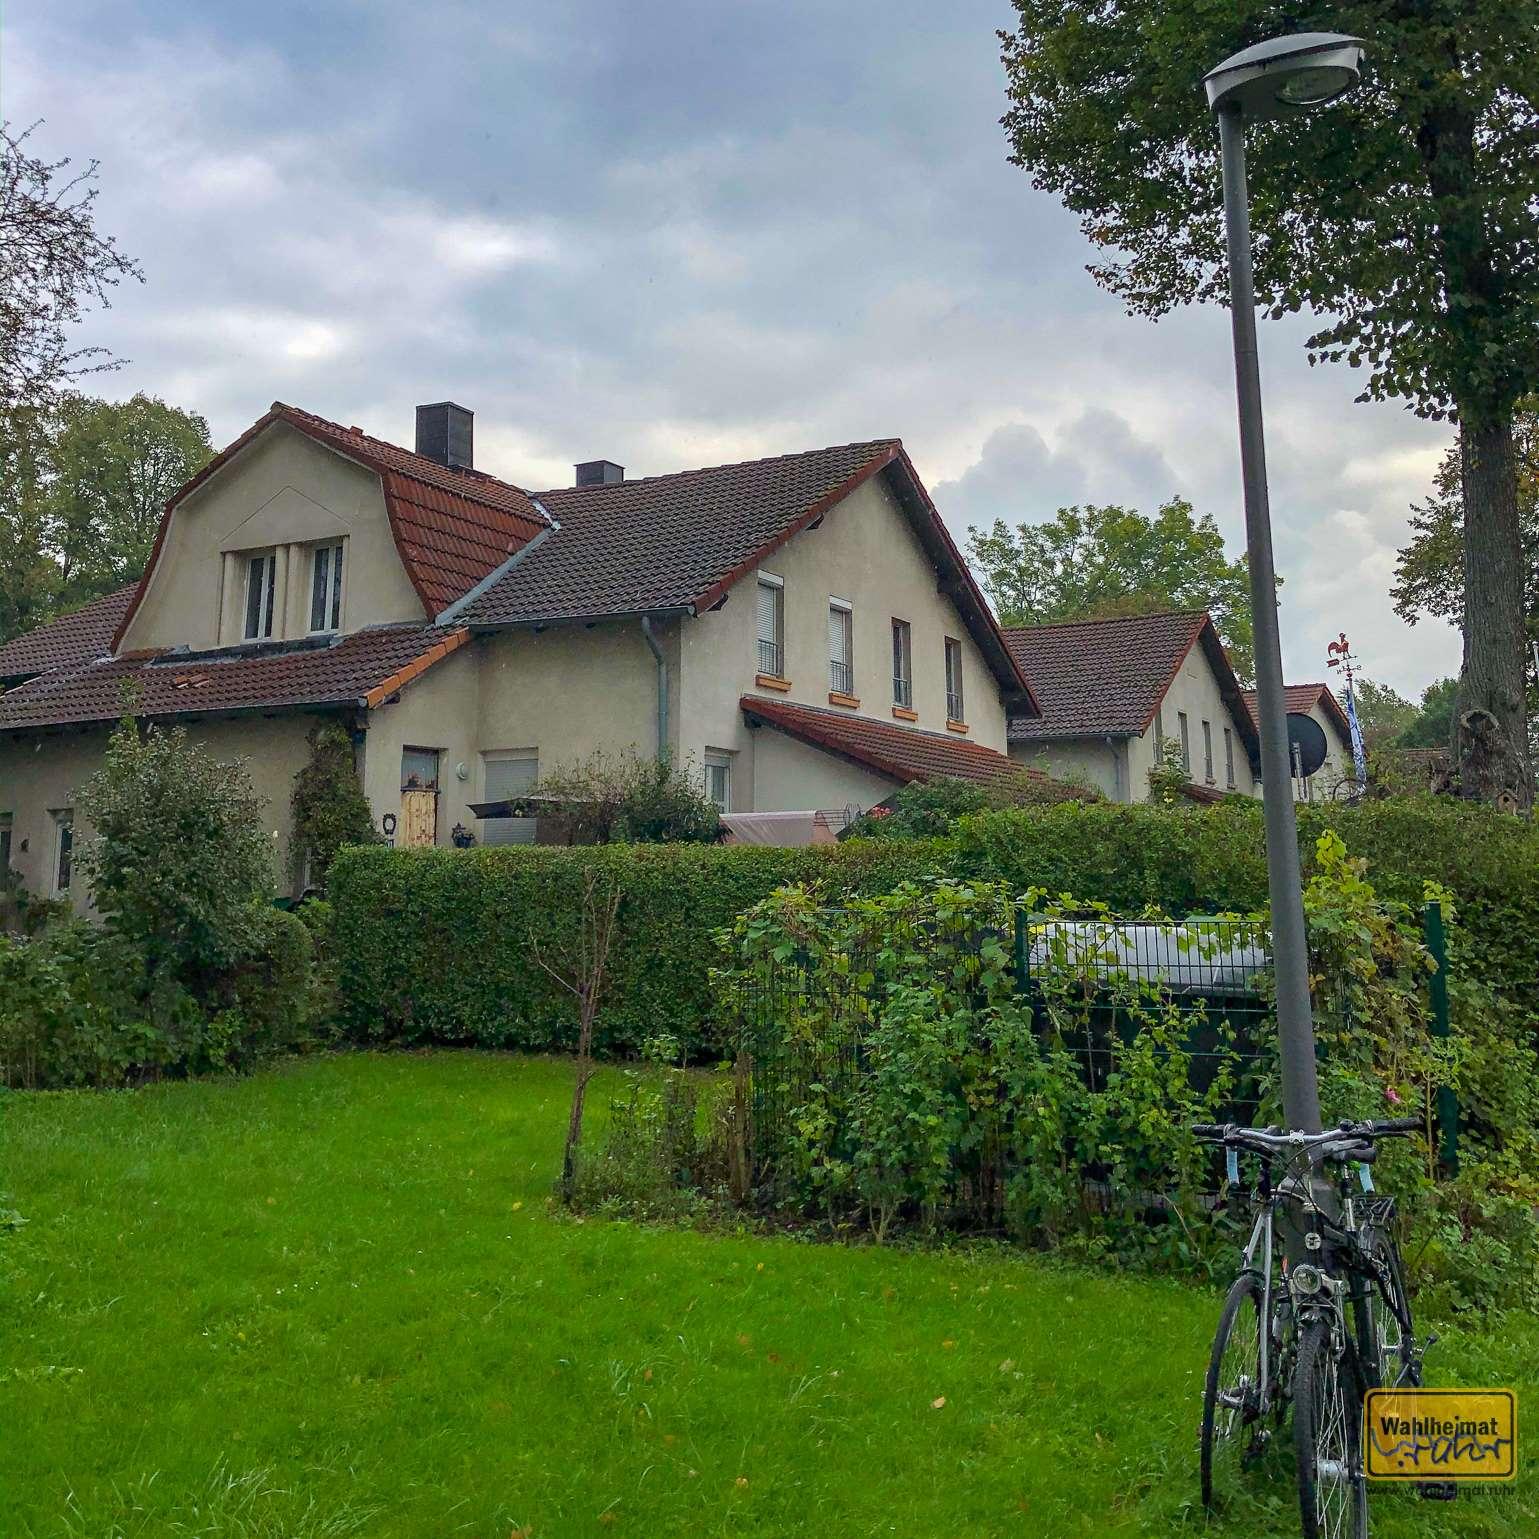 Die Häuser der Siedlung Stahlhausen haben alle den gleichen typischen Aufbau. Hier wohnten die Arbeiter mit ihren kinderreichen Familien.